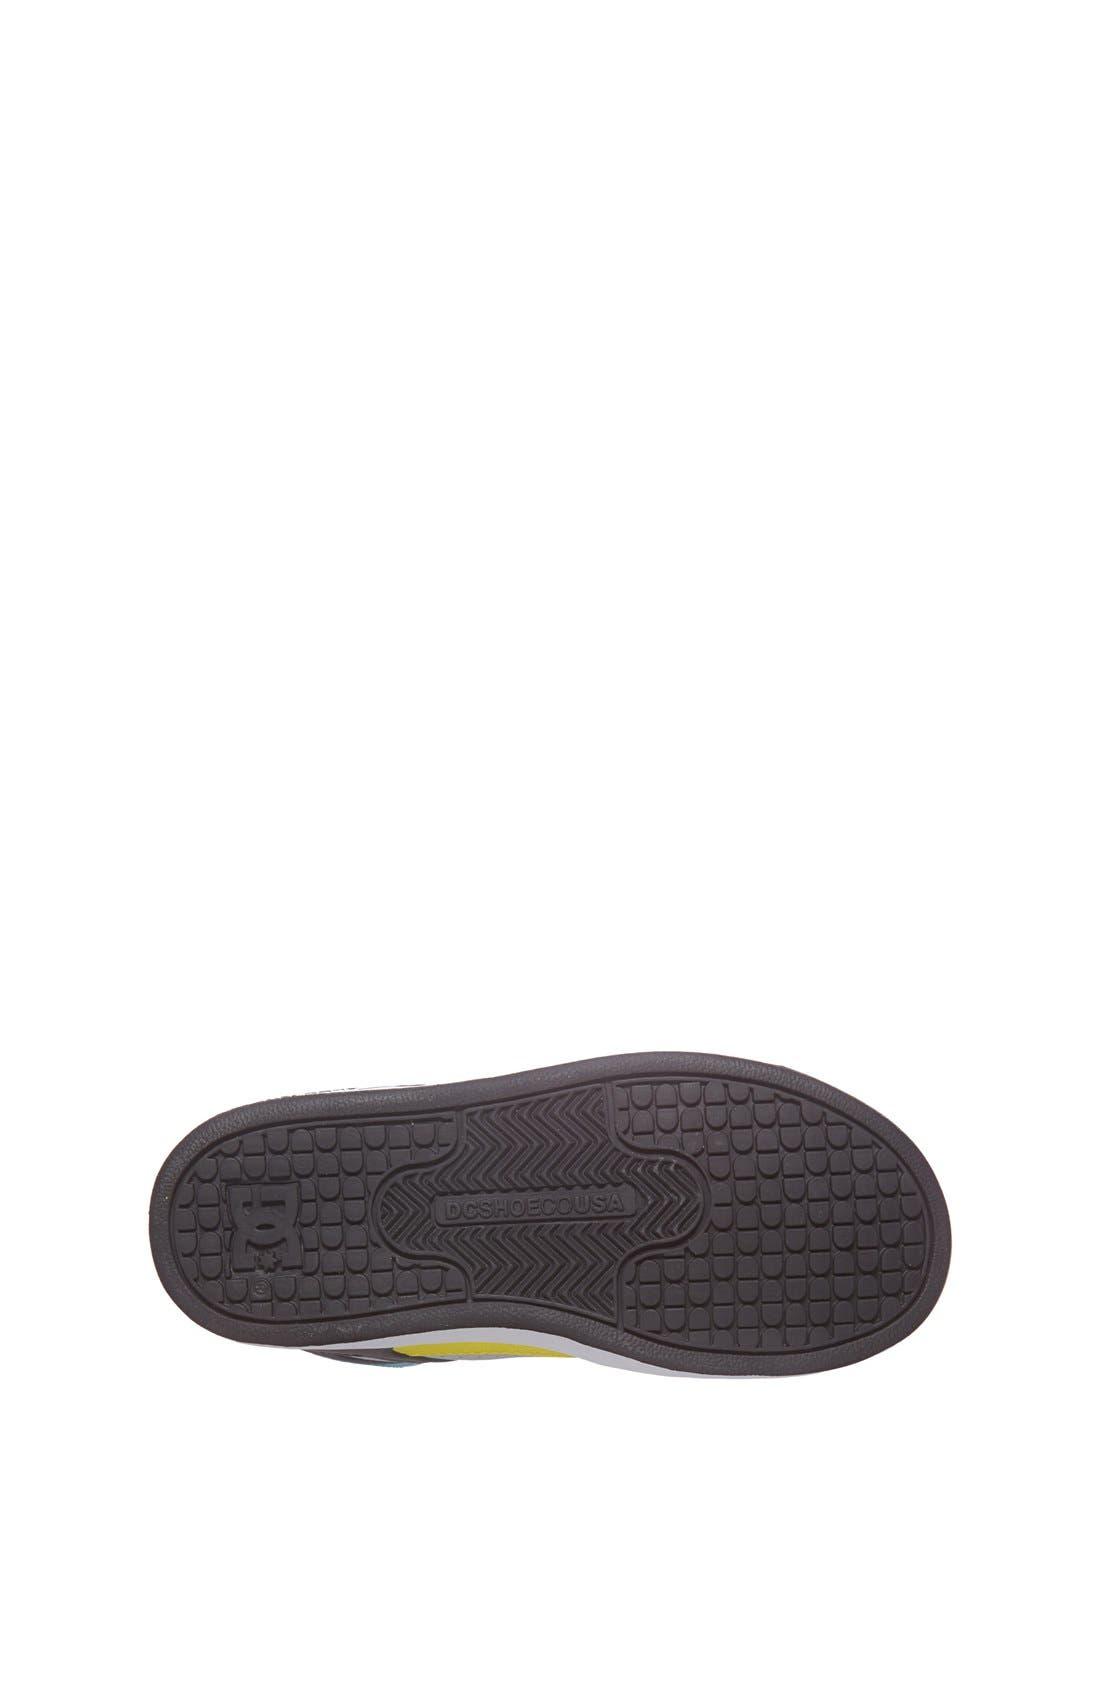 Alternate Image 4  - DC Shoes 'Rebound' Skate Shoe (Toddler, Little Kid & Big Kid)